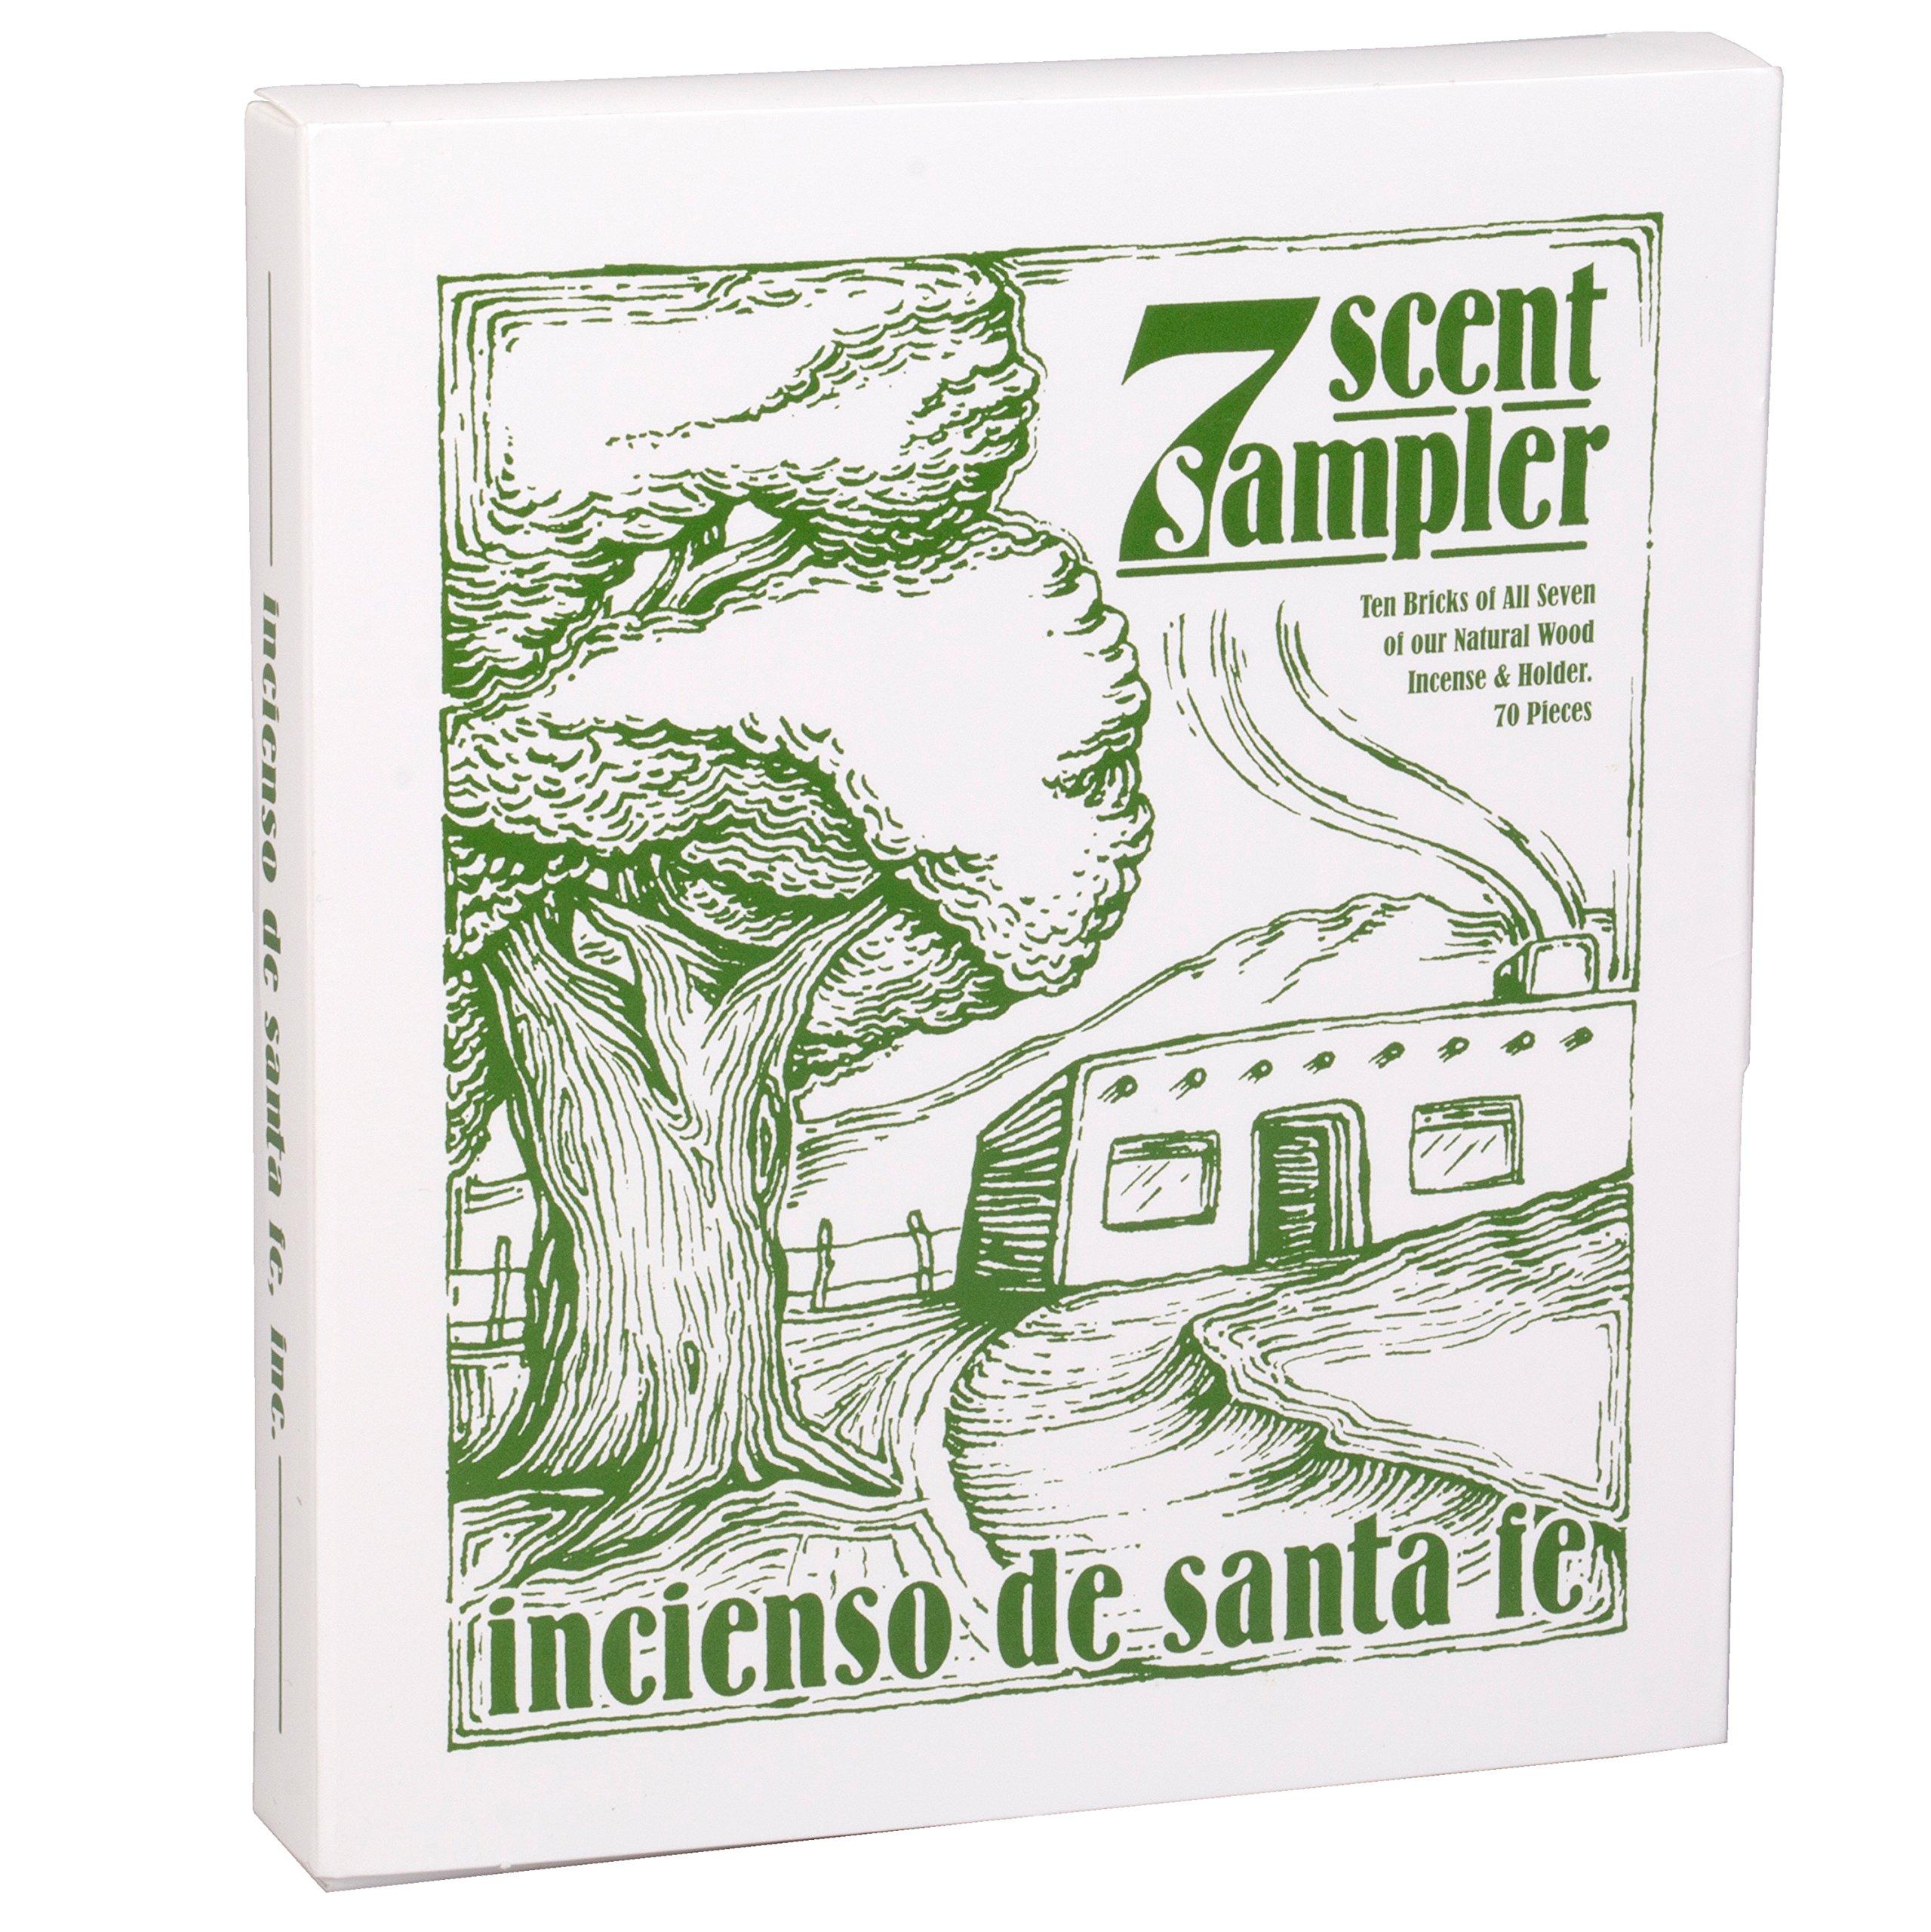 7 Scent Sampler Wood Incenses with Holder by Incienso de Santa Fe